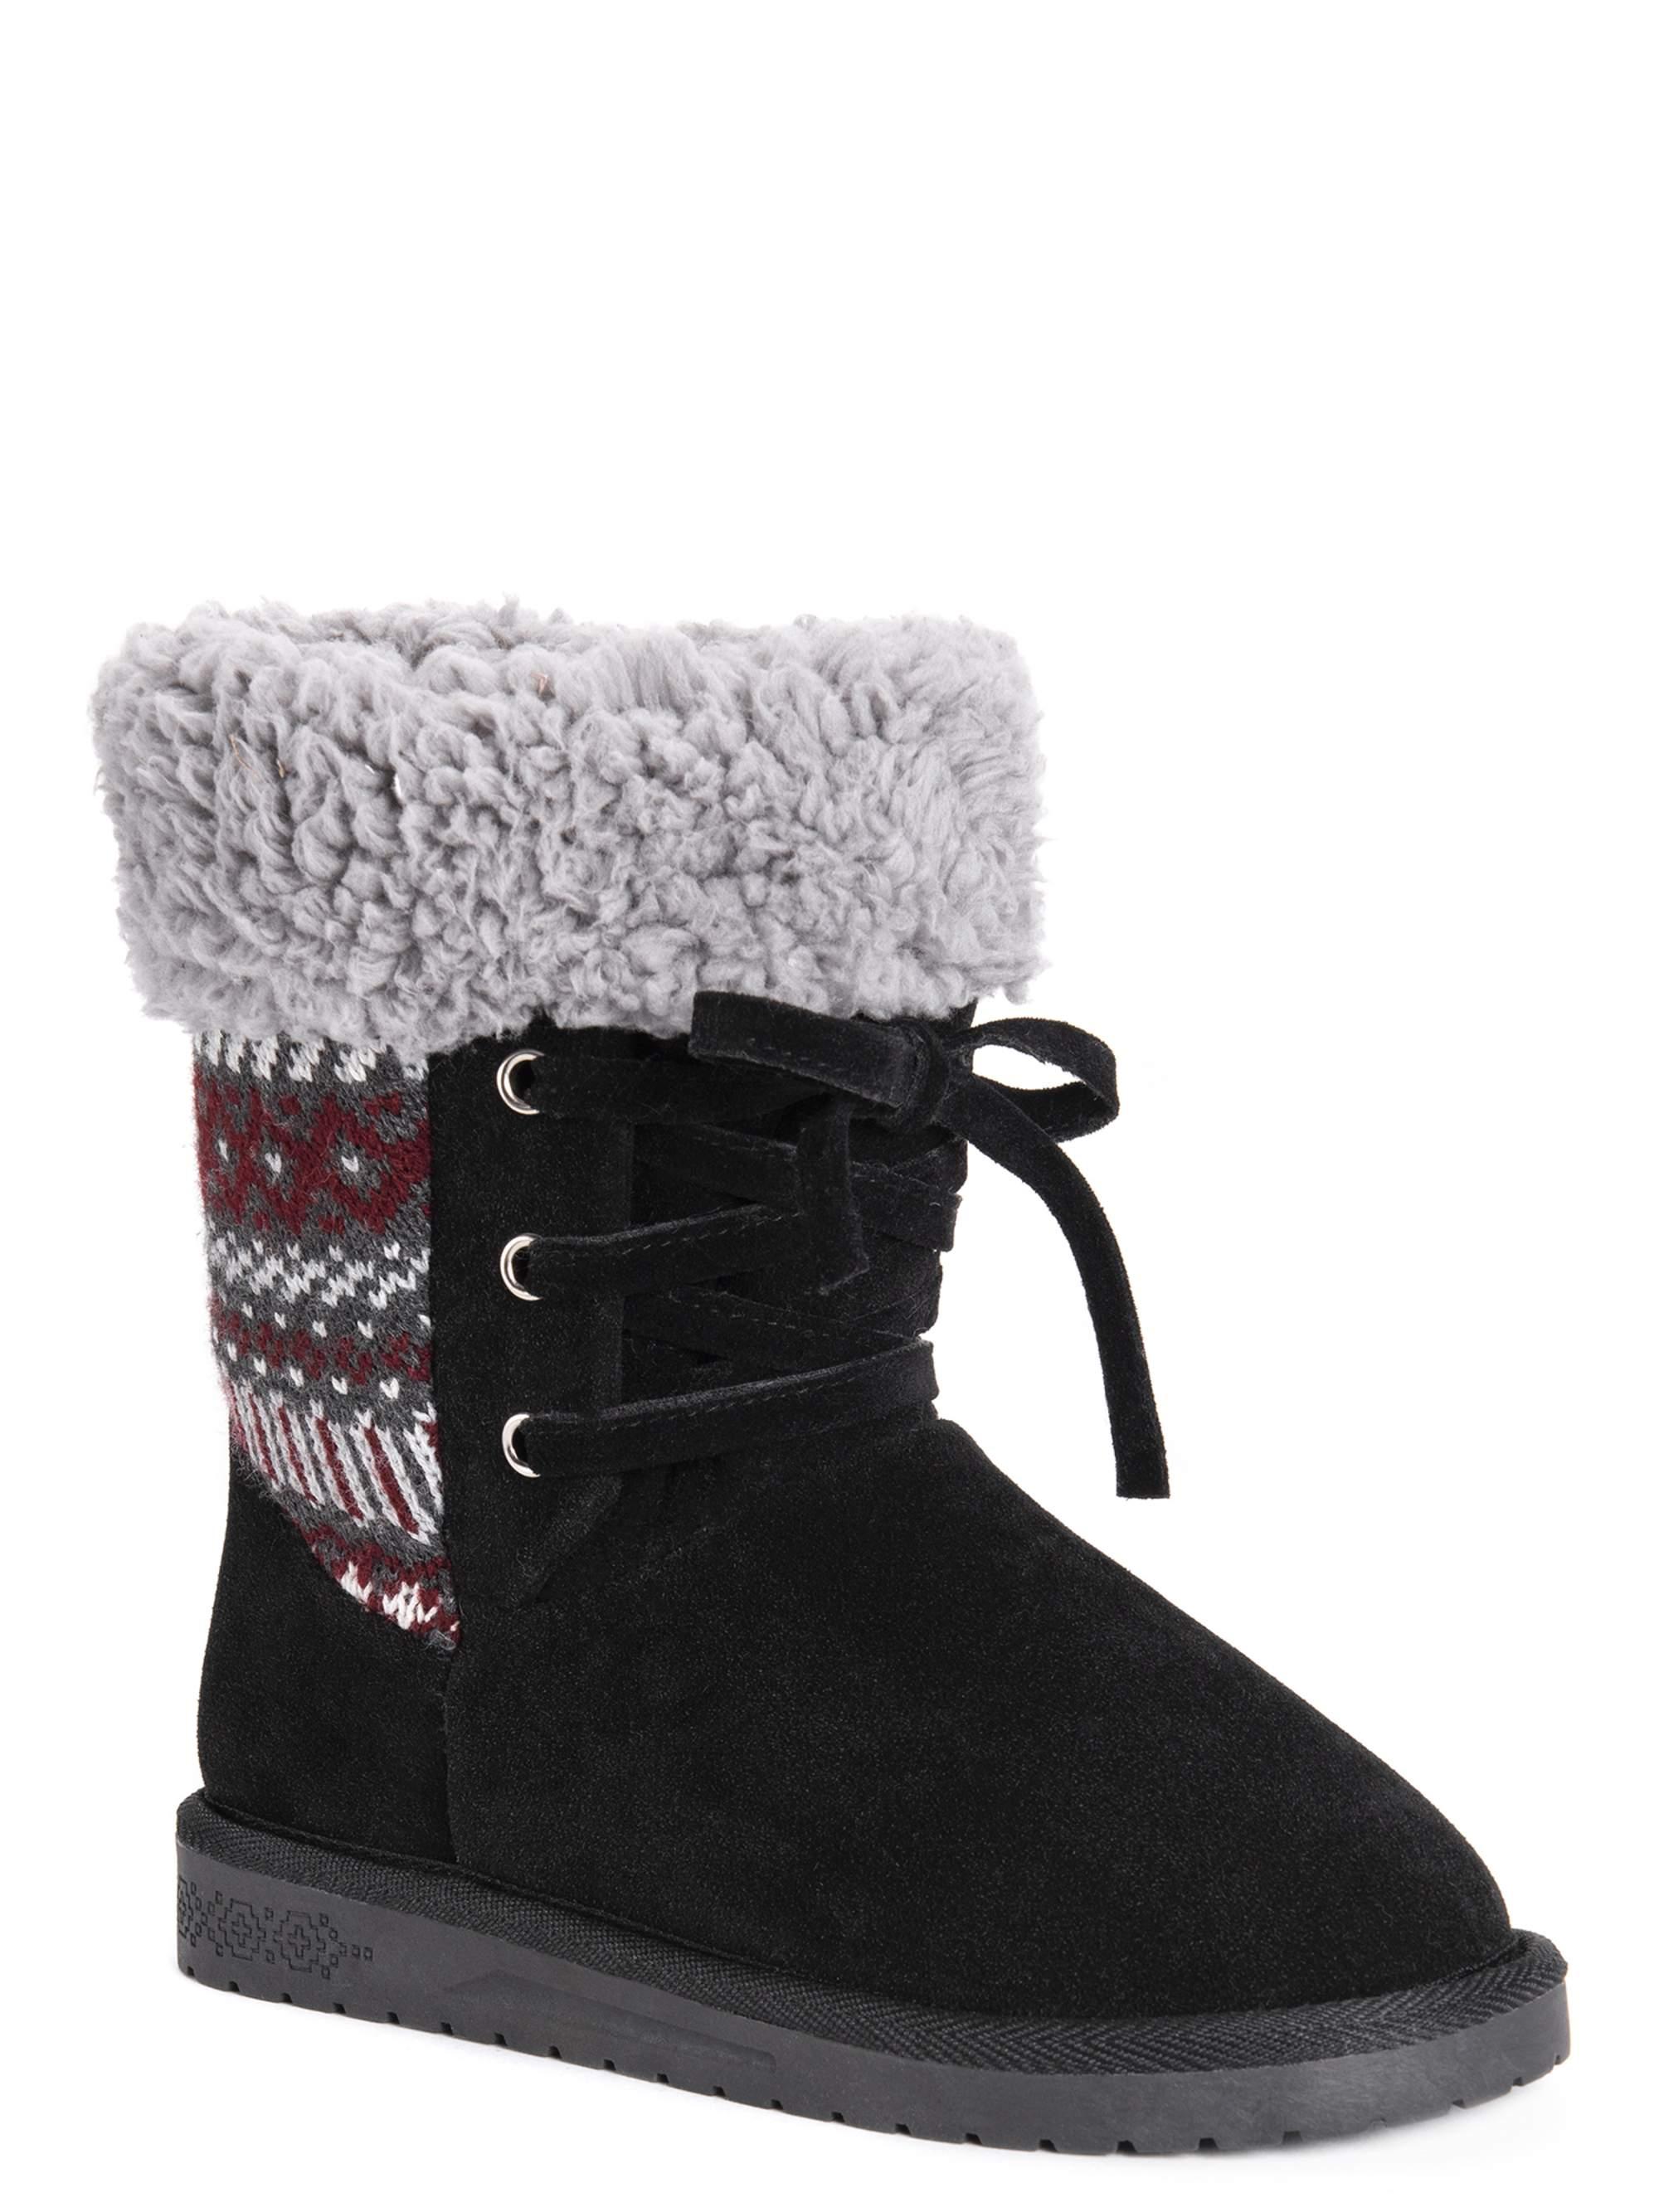 MUK LUKS Women's Melba Boots